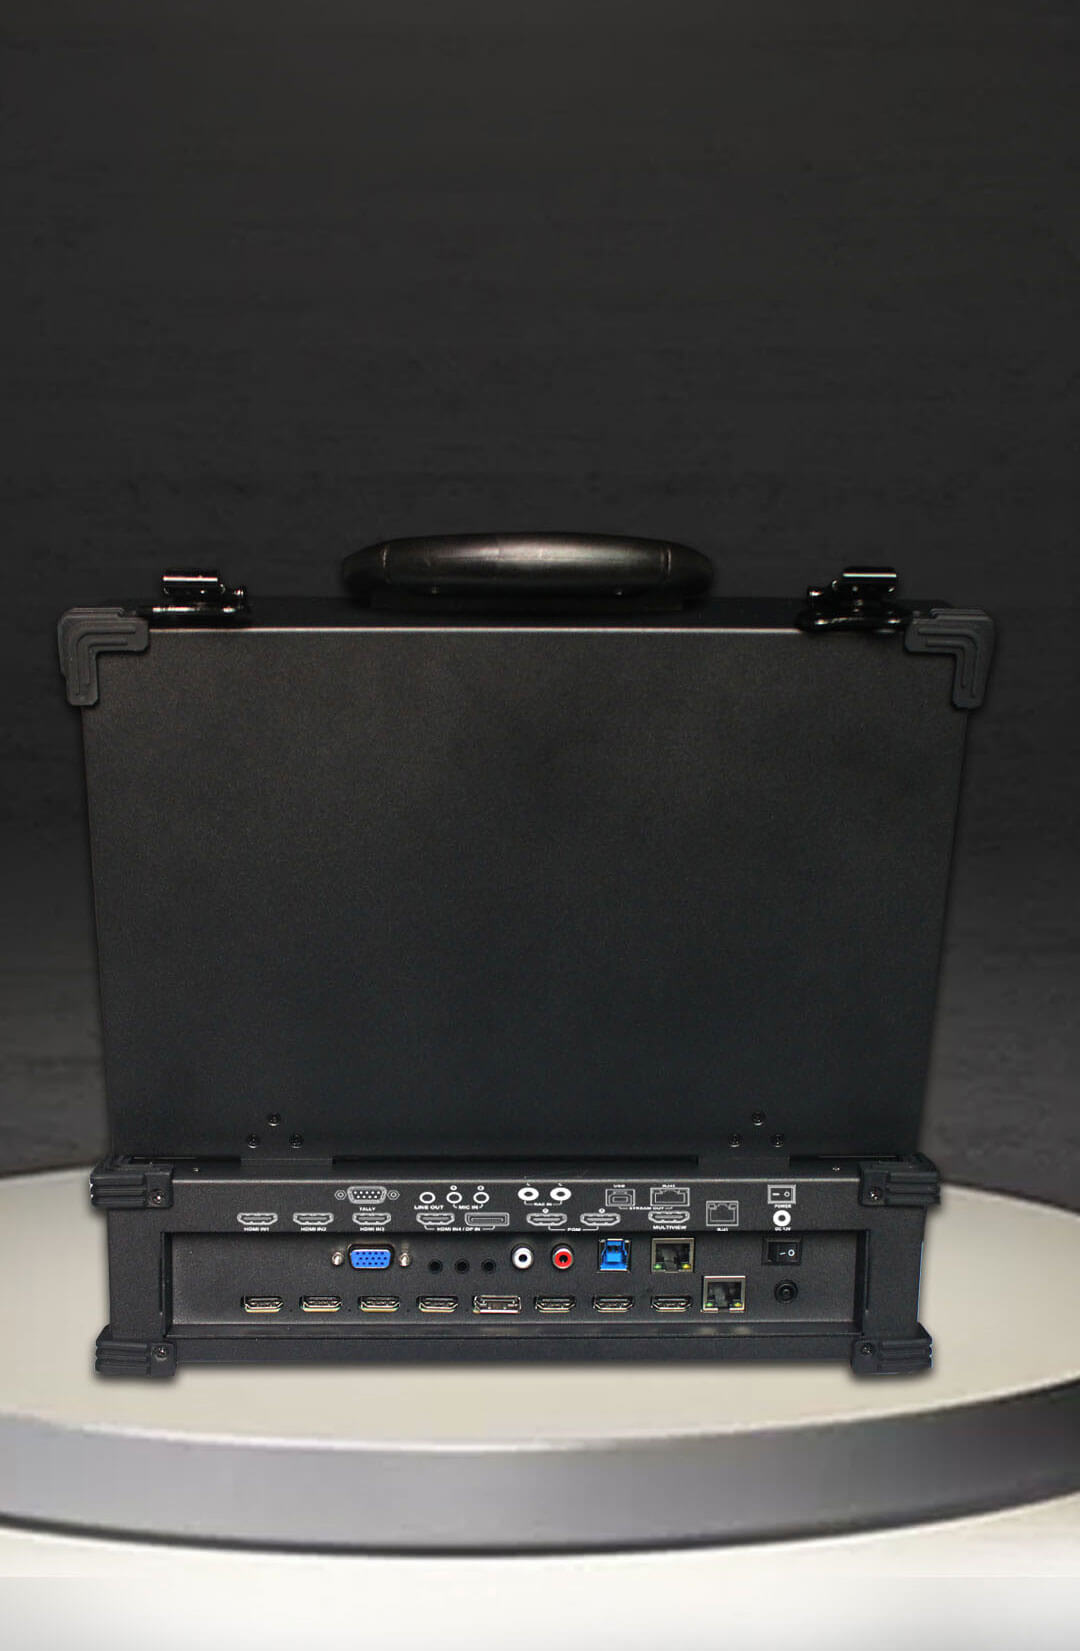 HDS9105 en h203 03